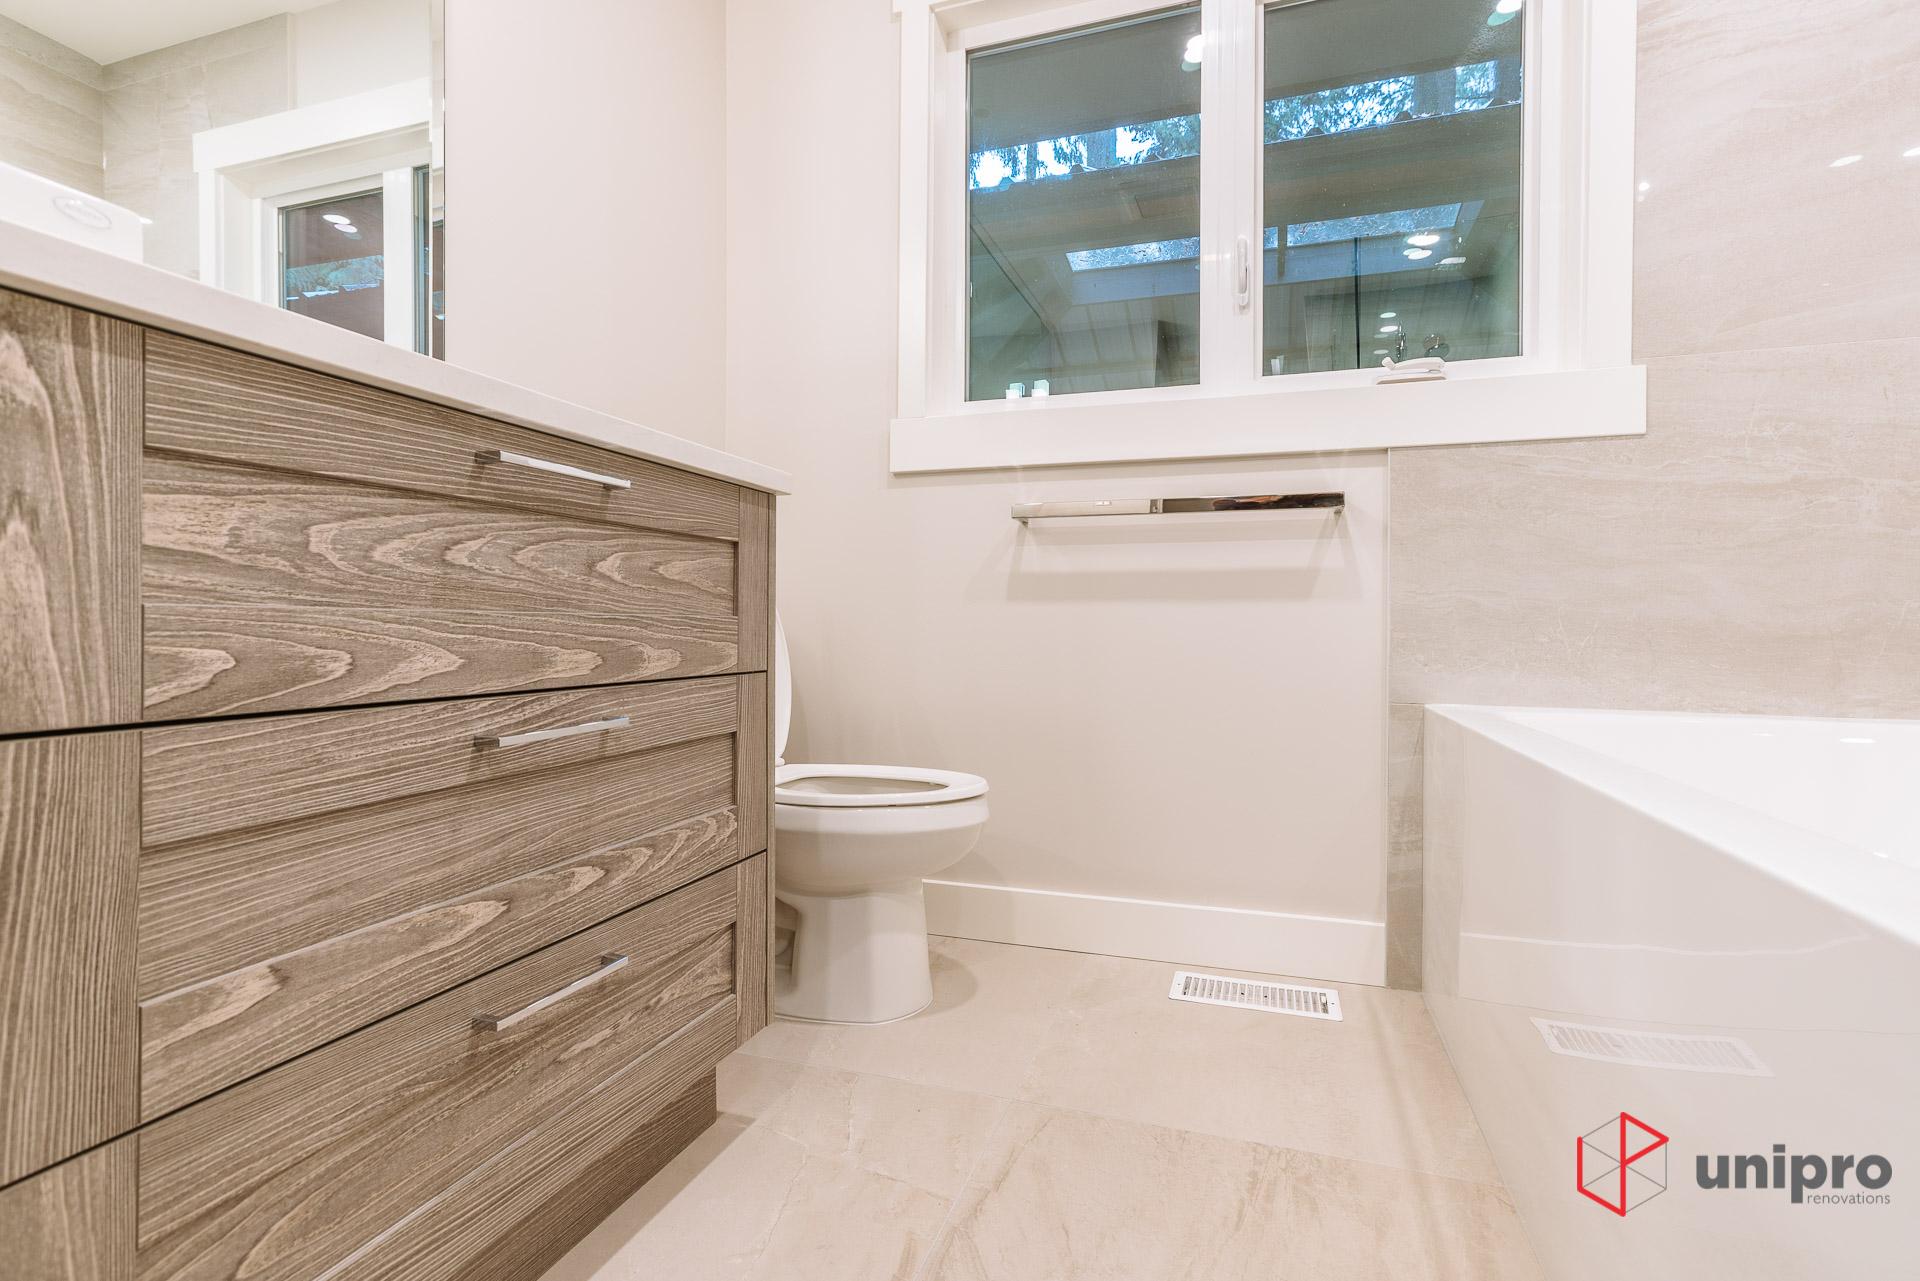 north-vancouver-bathroom-renovation-2